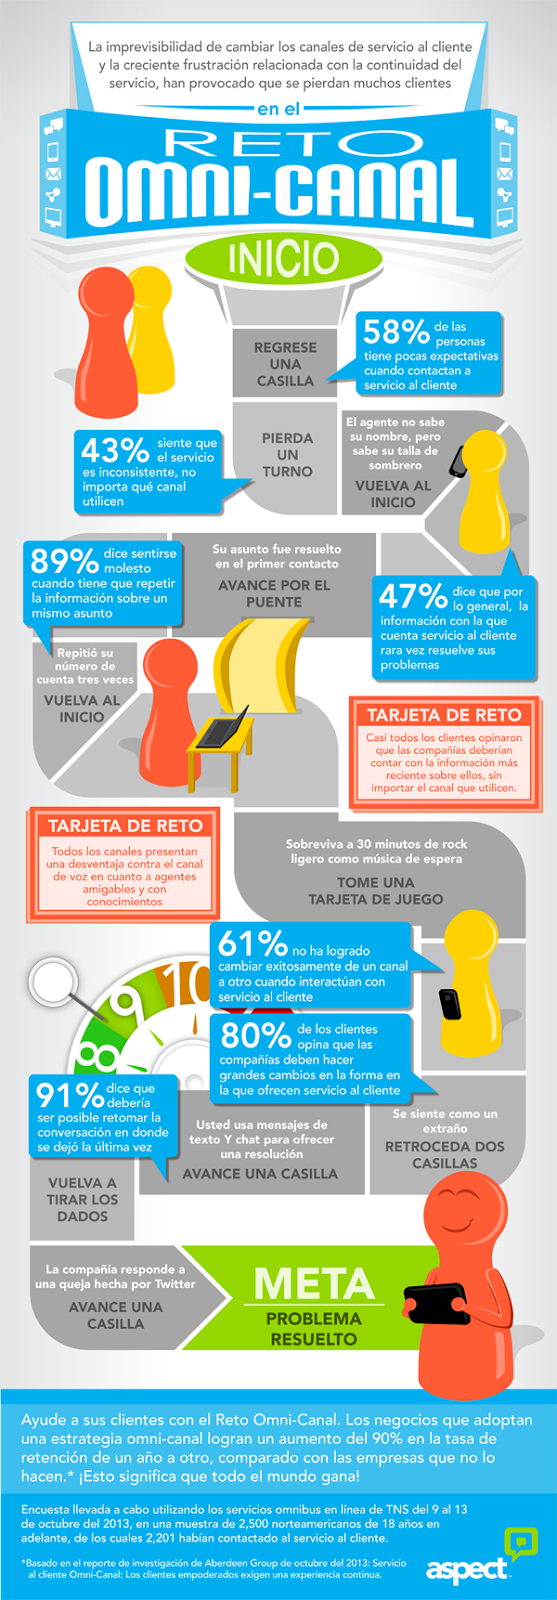 Encuesta-Aspect- clientes-GRAN-servicio-2014